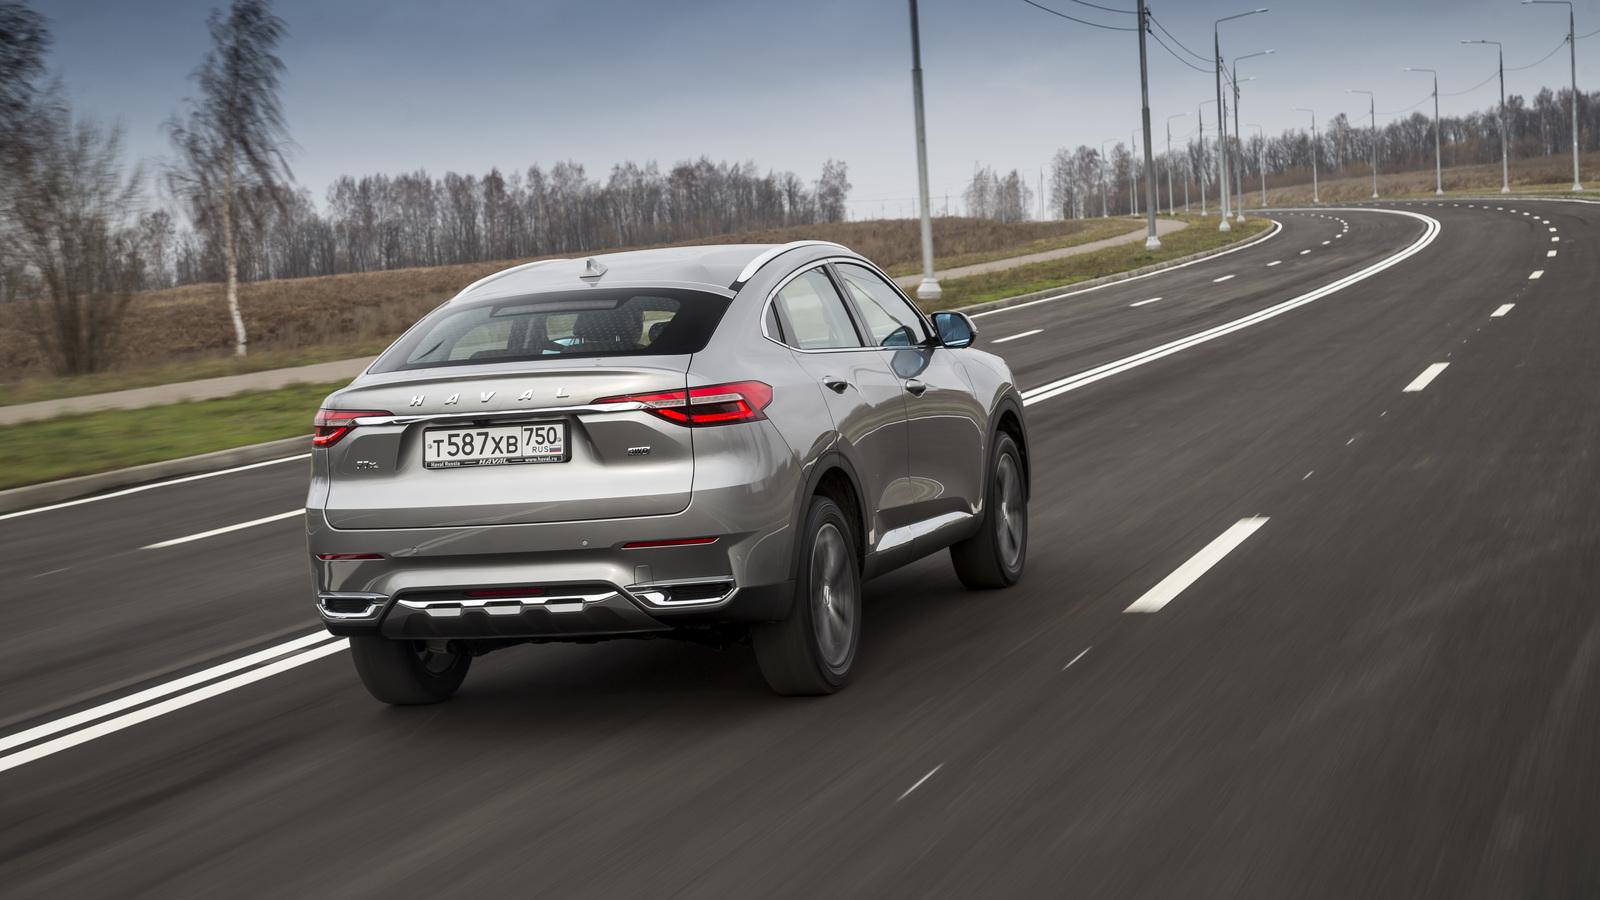 Российские цены на кросс-купе Haval F7x оказались с сюрпризом